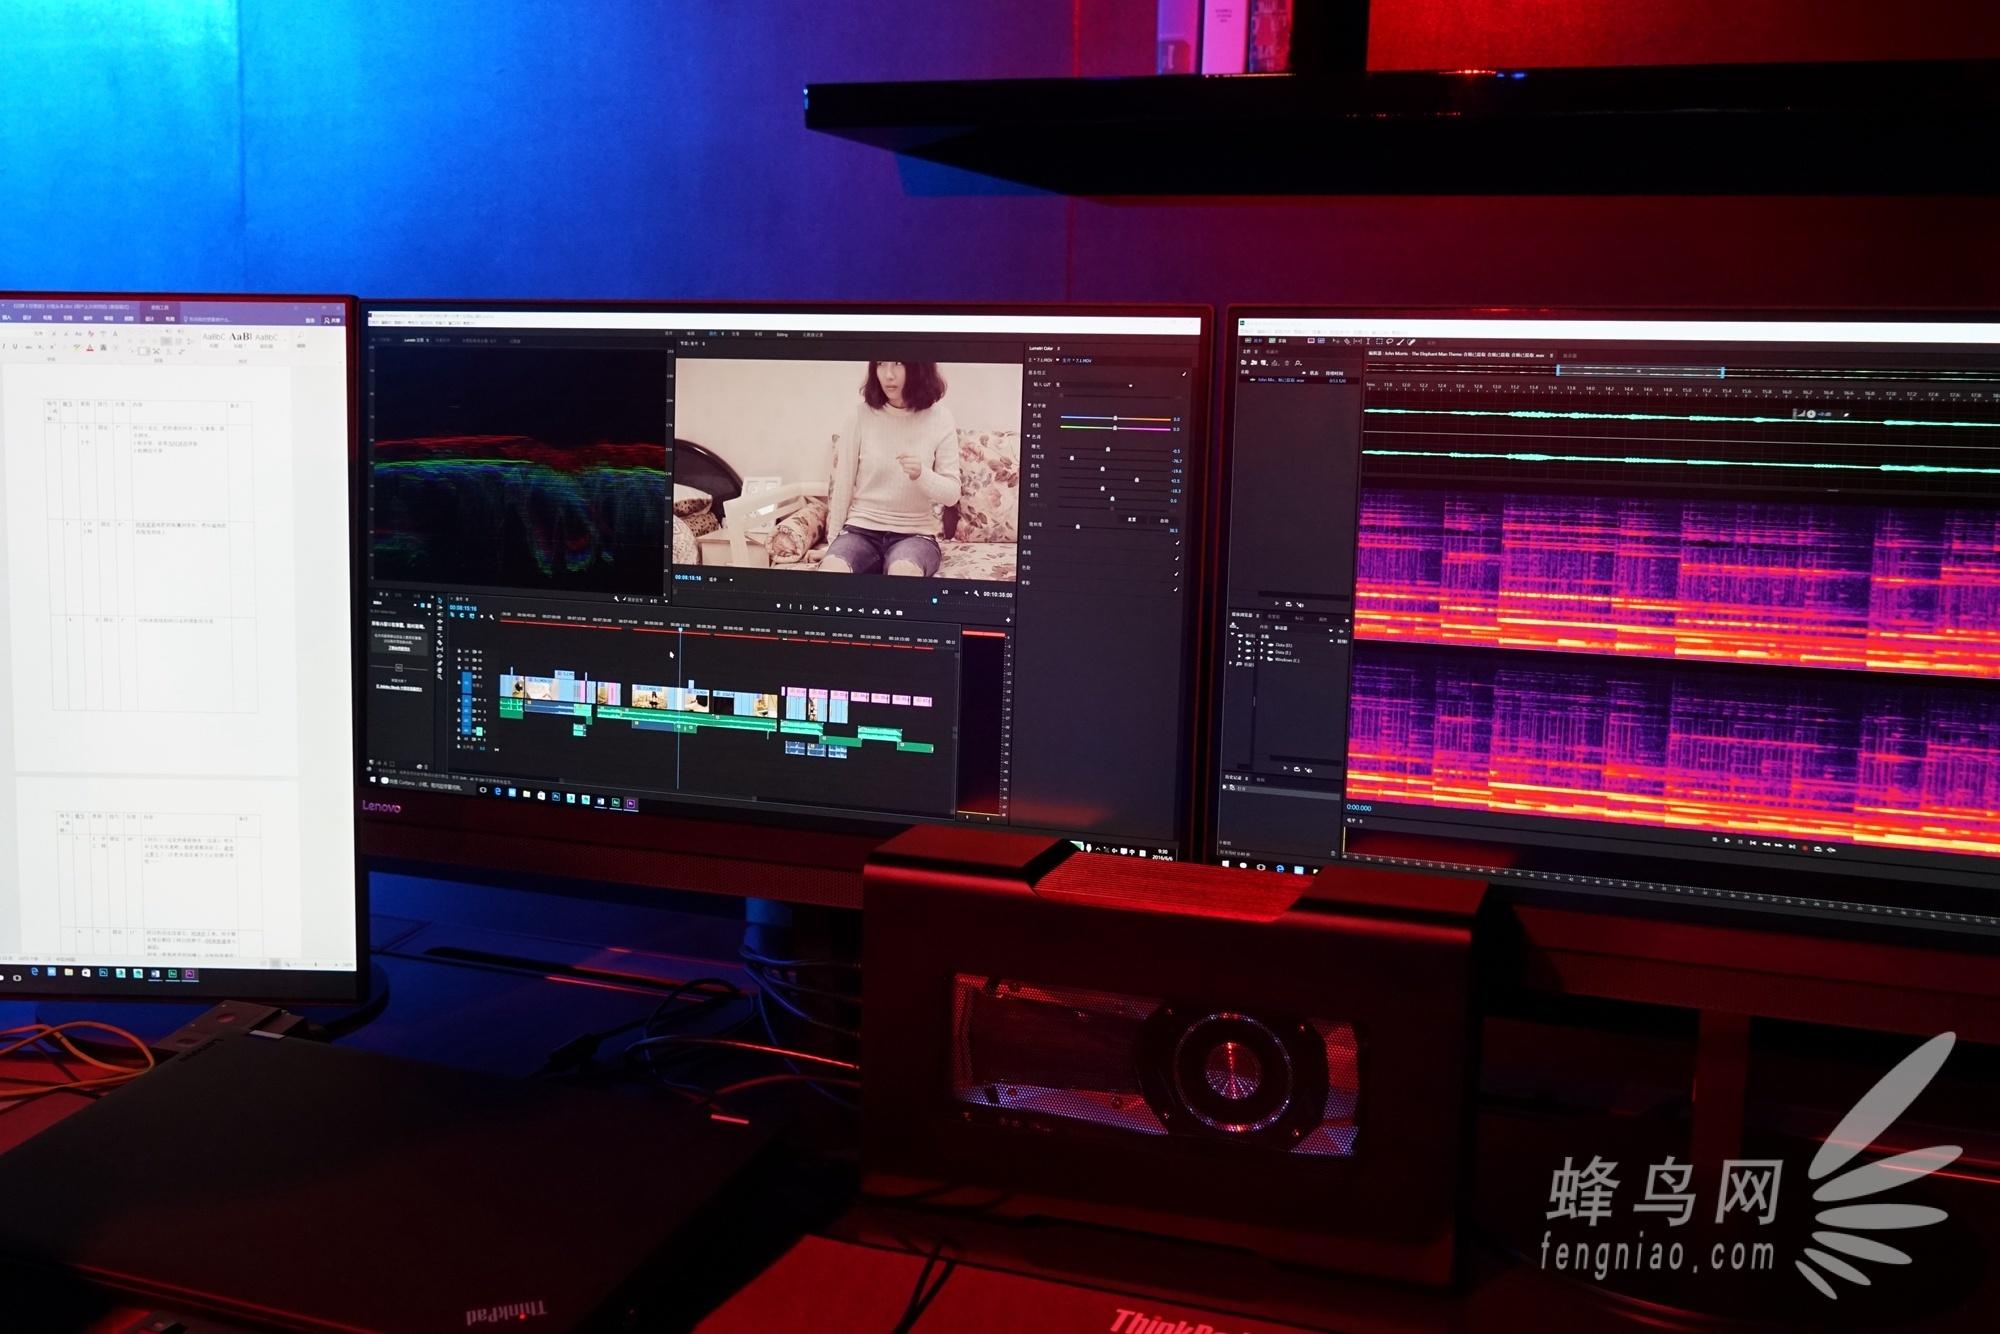 2016年6月6日,联想集团发布新一代显示器产品,包含全球最薄4K屏幕和USB Type-C接口的高端旗舰ThinkVision X1显示器、配备无线连接功能和3D摄像头的旗舰ThinkVision X24 Pro显示器,1800曲率和144赫兹刷新率的Lenovo Y27专业电竞曲面显示器,以及面向主流消费群体的X24、X23、X22、T2364p和P27X等一系列专业显示器新品。同时,联想宣布在中国开启全新显示器市场策略。  发布会现场搭建的时间墙   联想集团副总裁,Think事业部及消费事业部